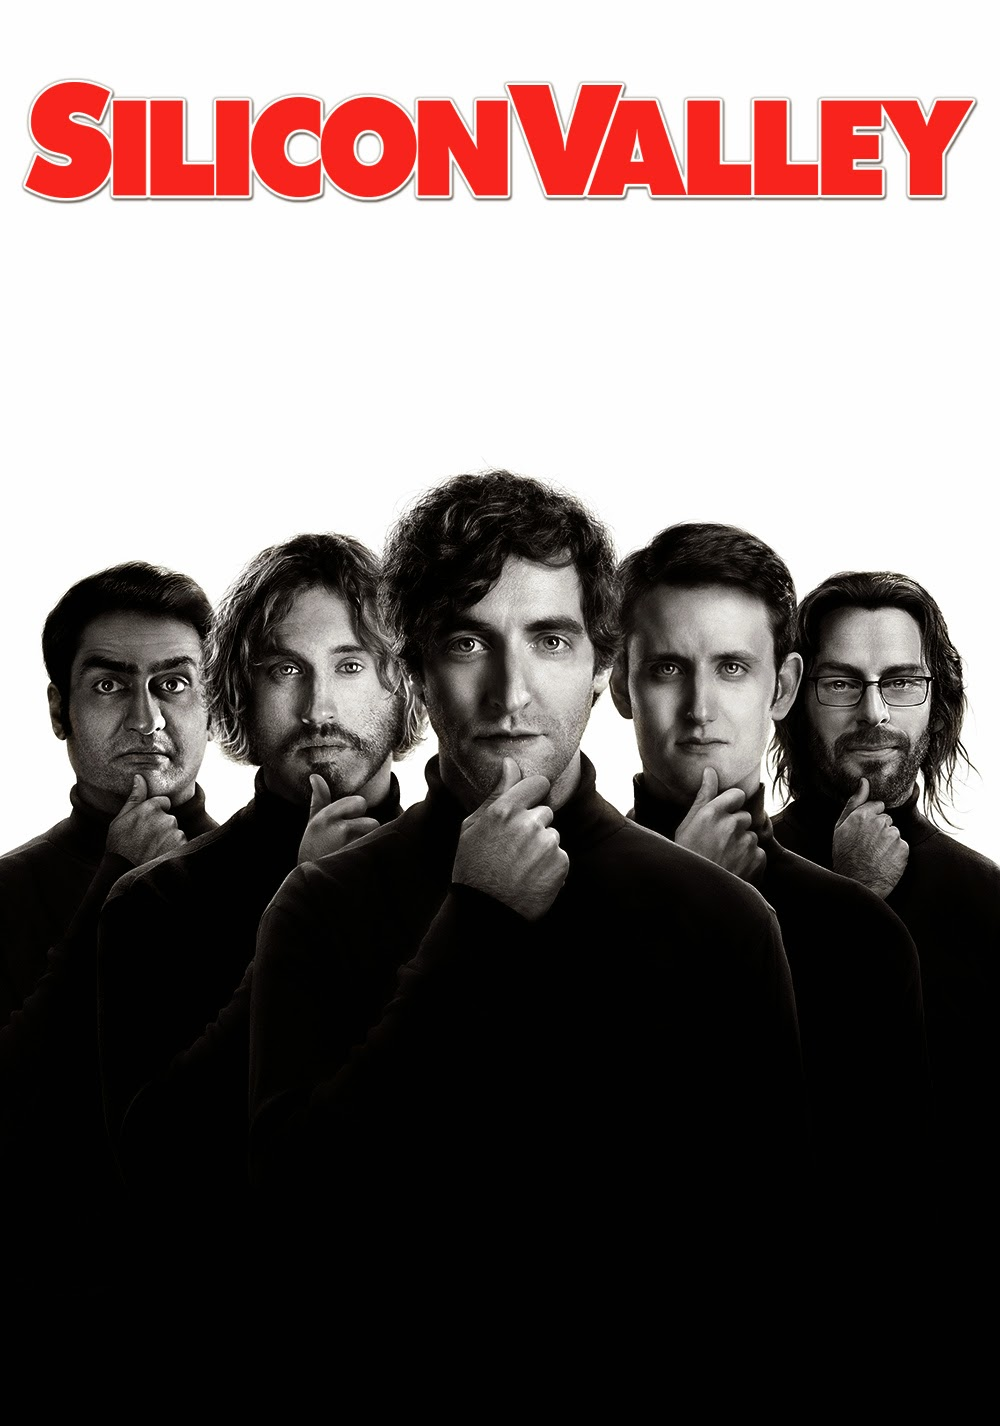 Da stasera risate al Silicon su Sky Atlantic (ANSA) - Cinque giovani nerd aedca5eb273